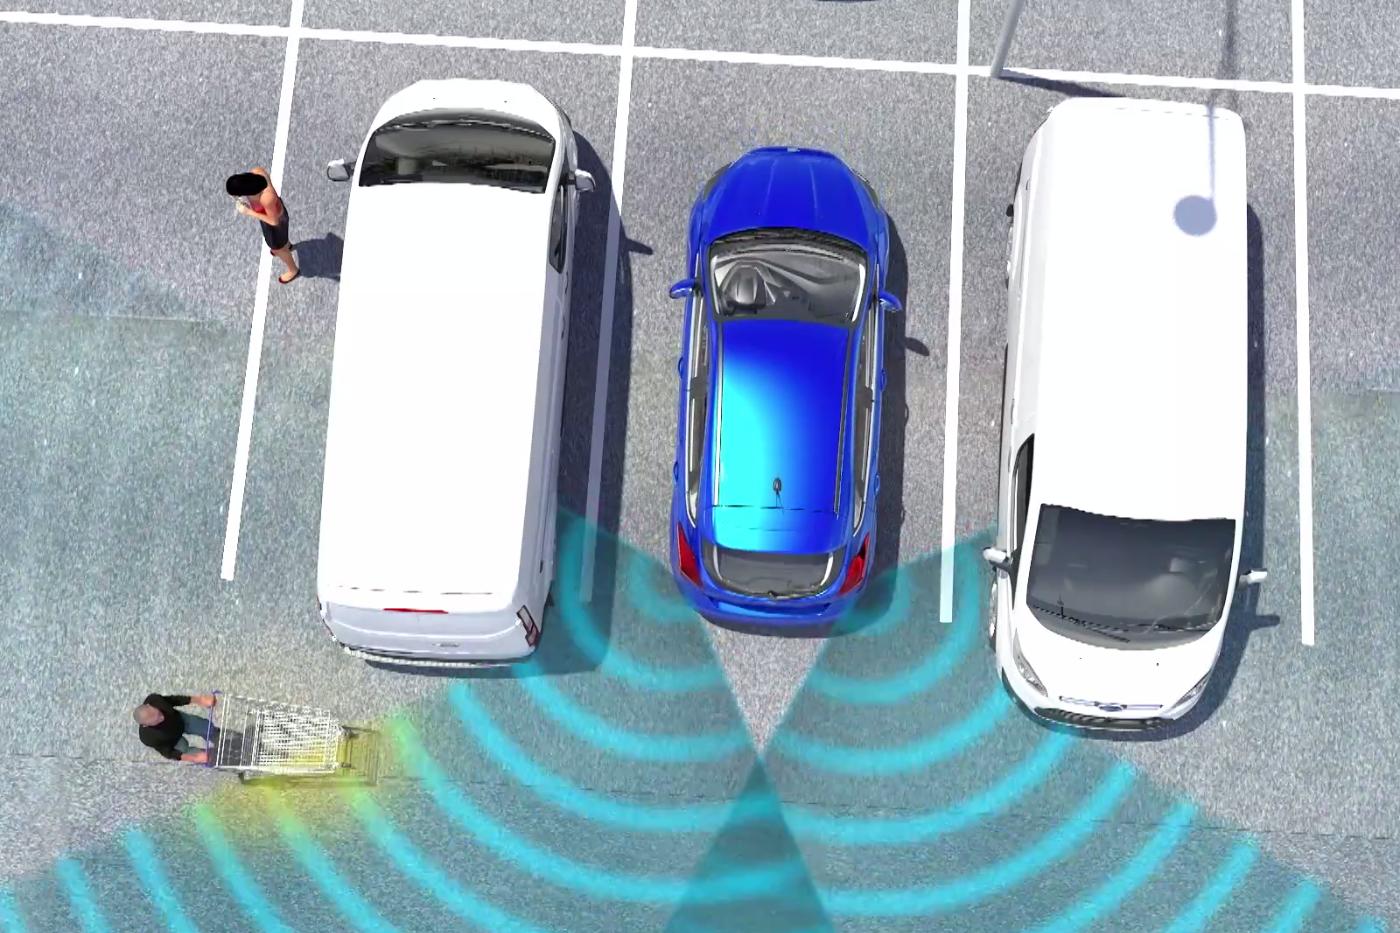 Ford cross traffic alert braking